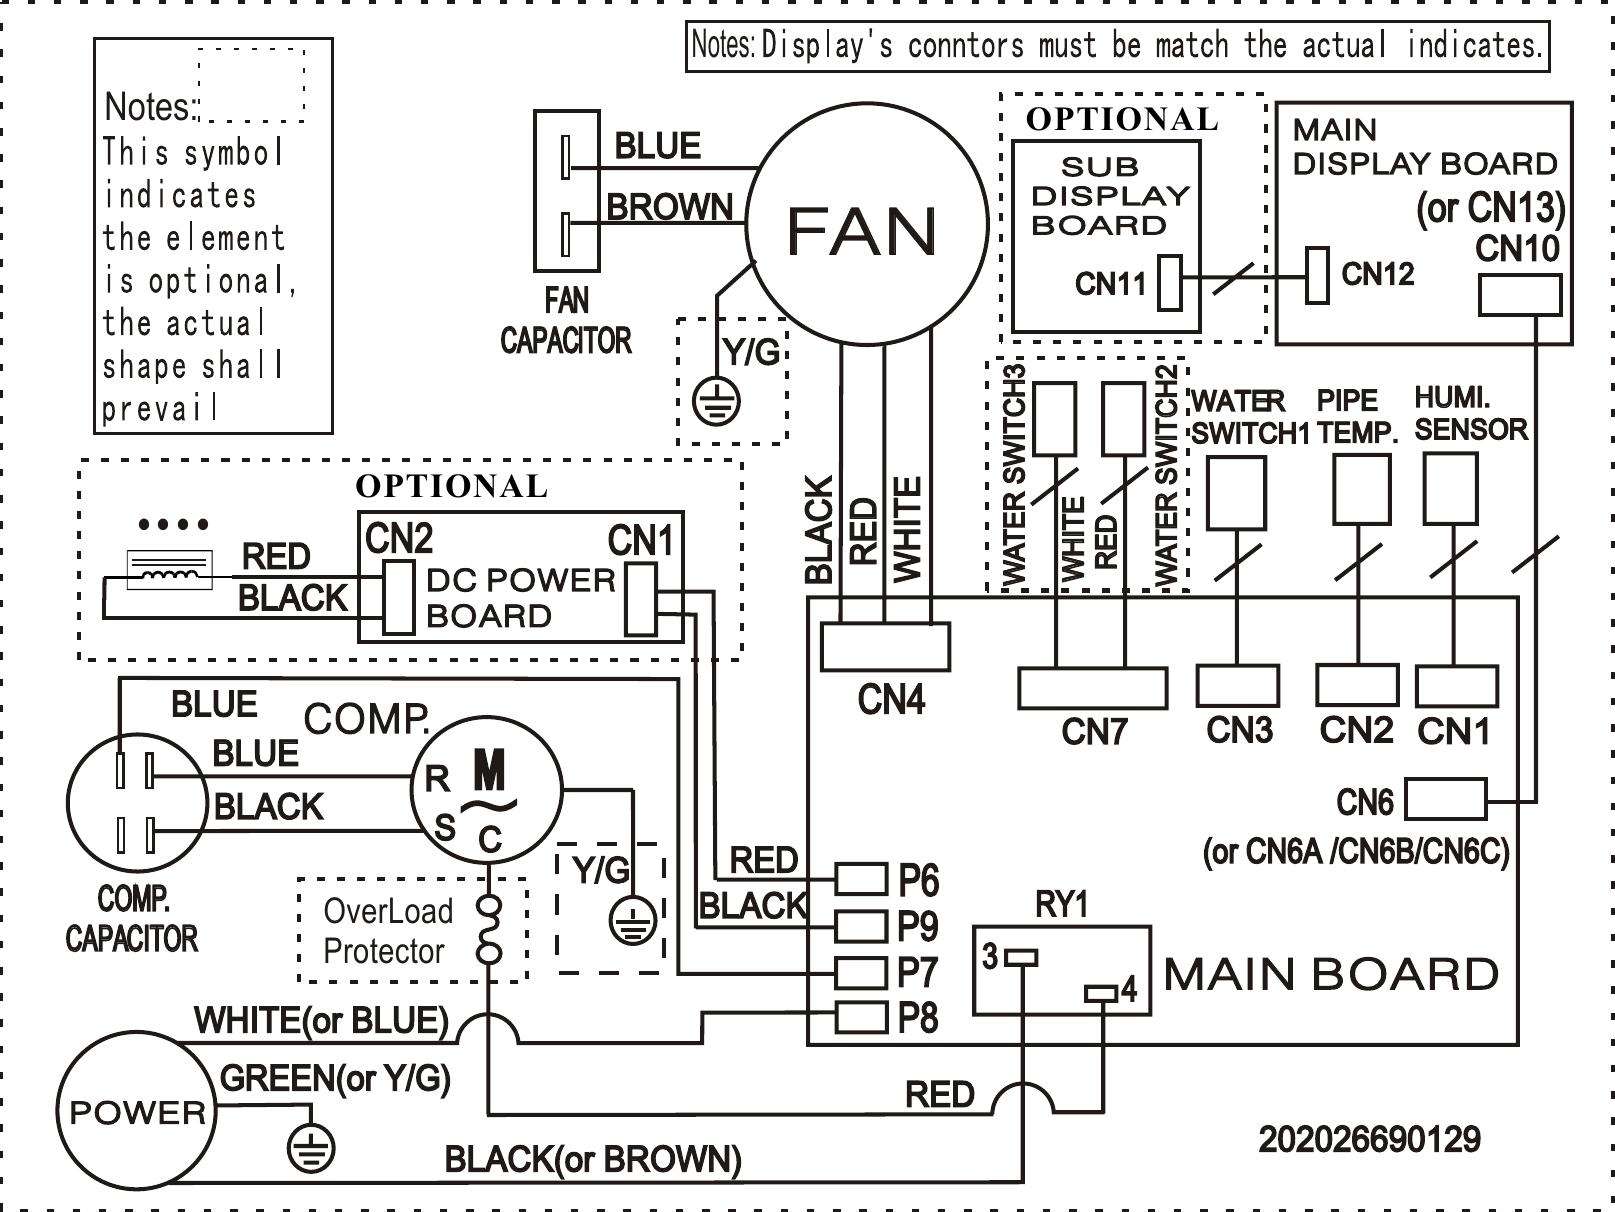 Frigidaire Fad504Dwd Wiring Diagram ELUS CFZ1.0BD$N1 FA.D